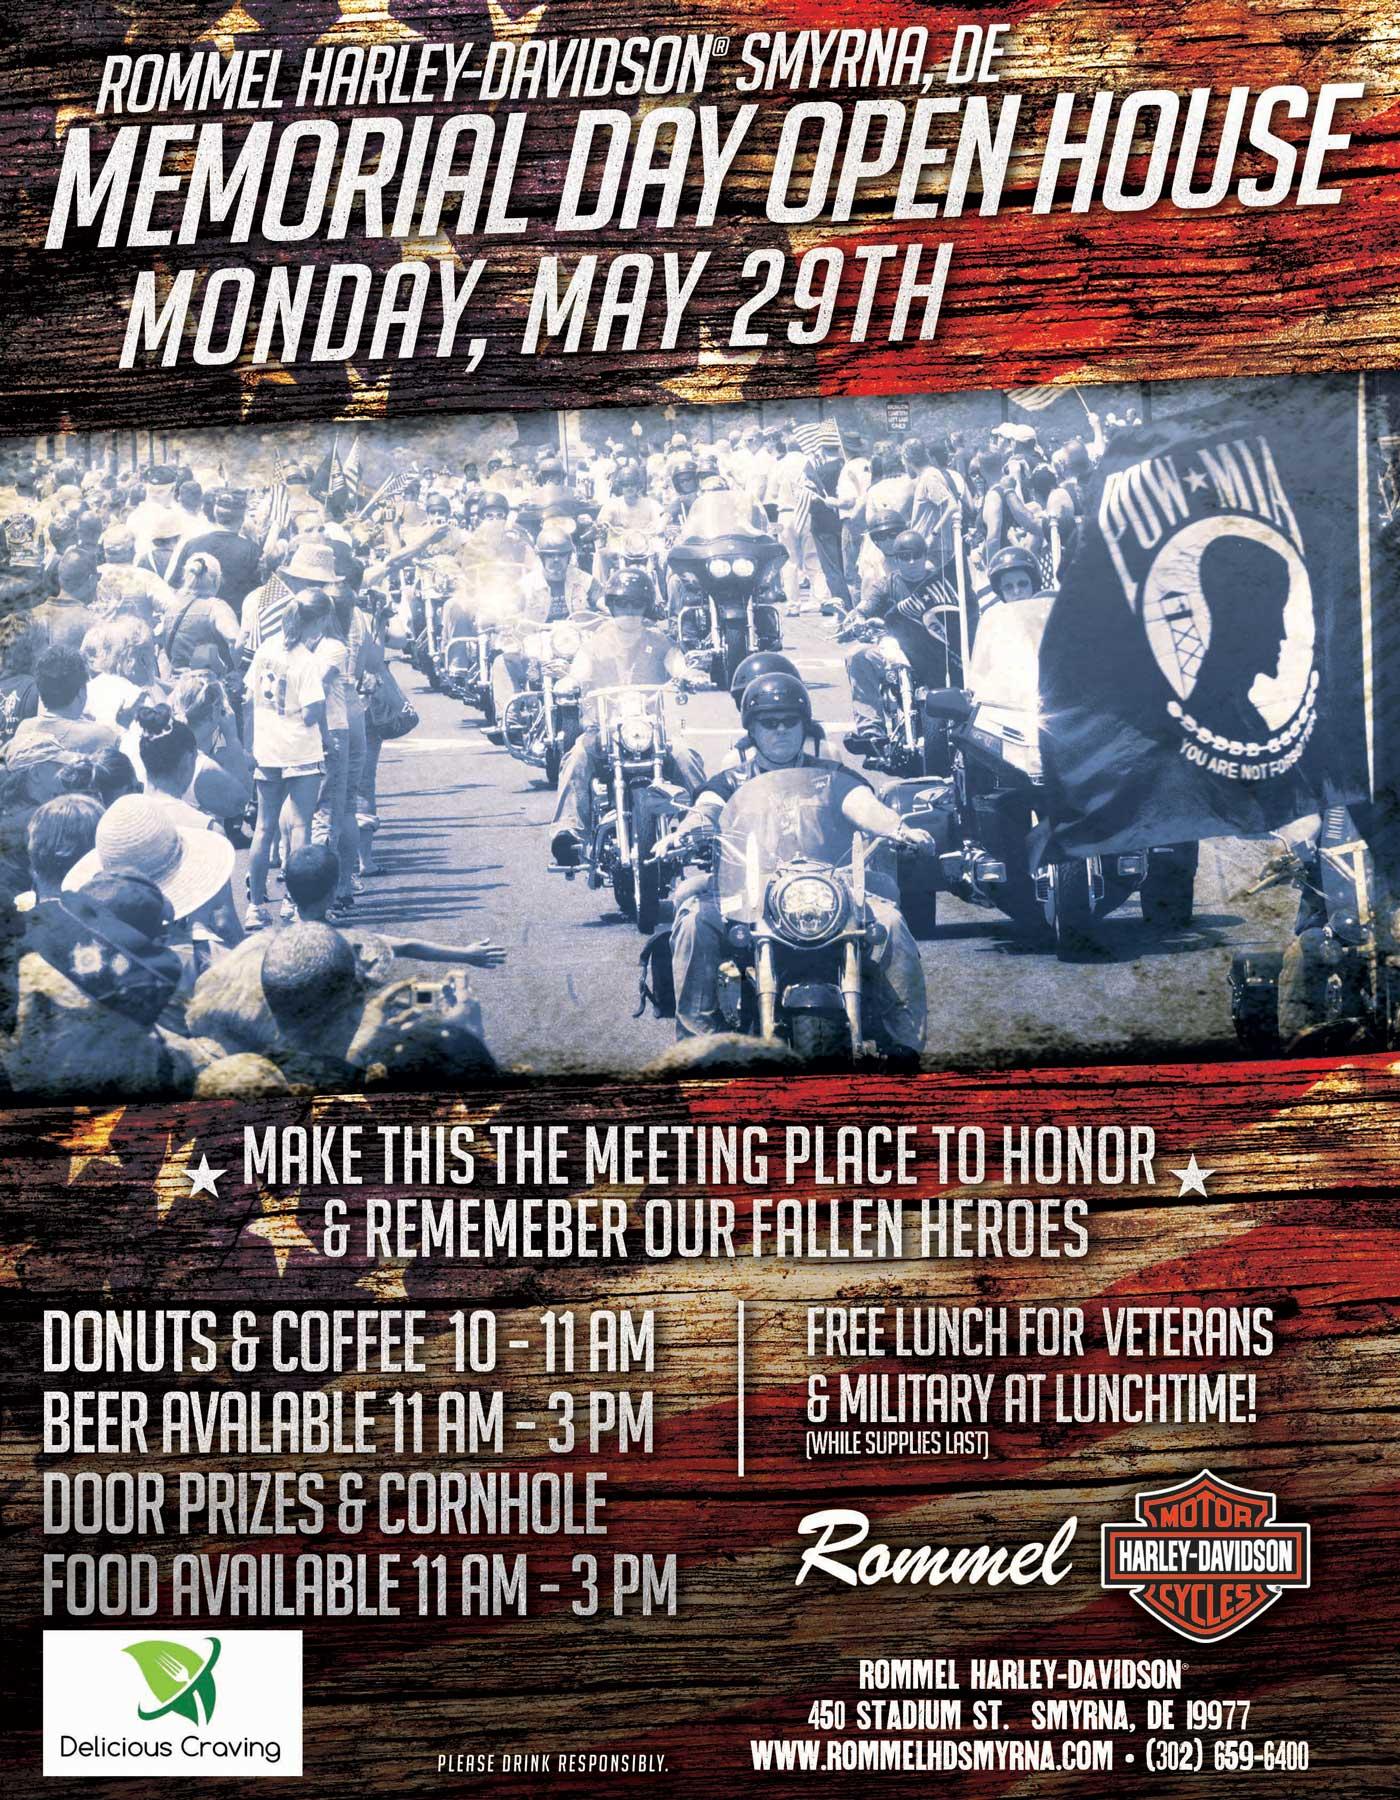 Memorial Day Open House